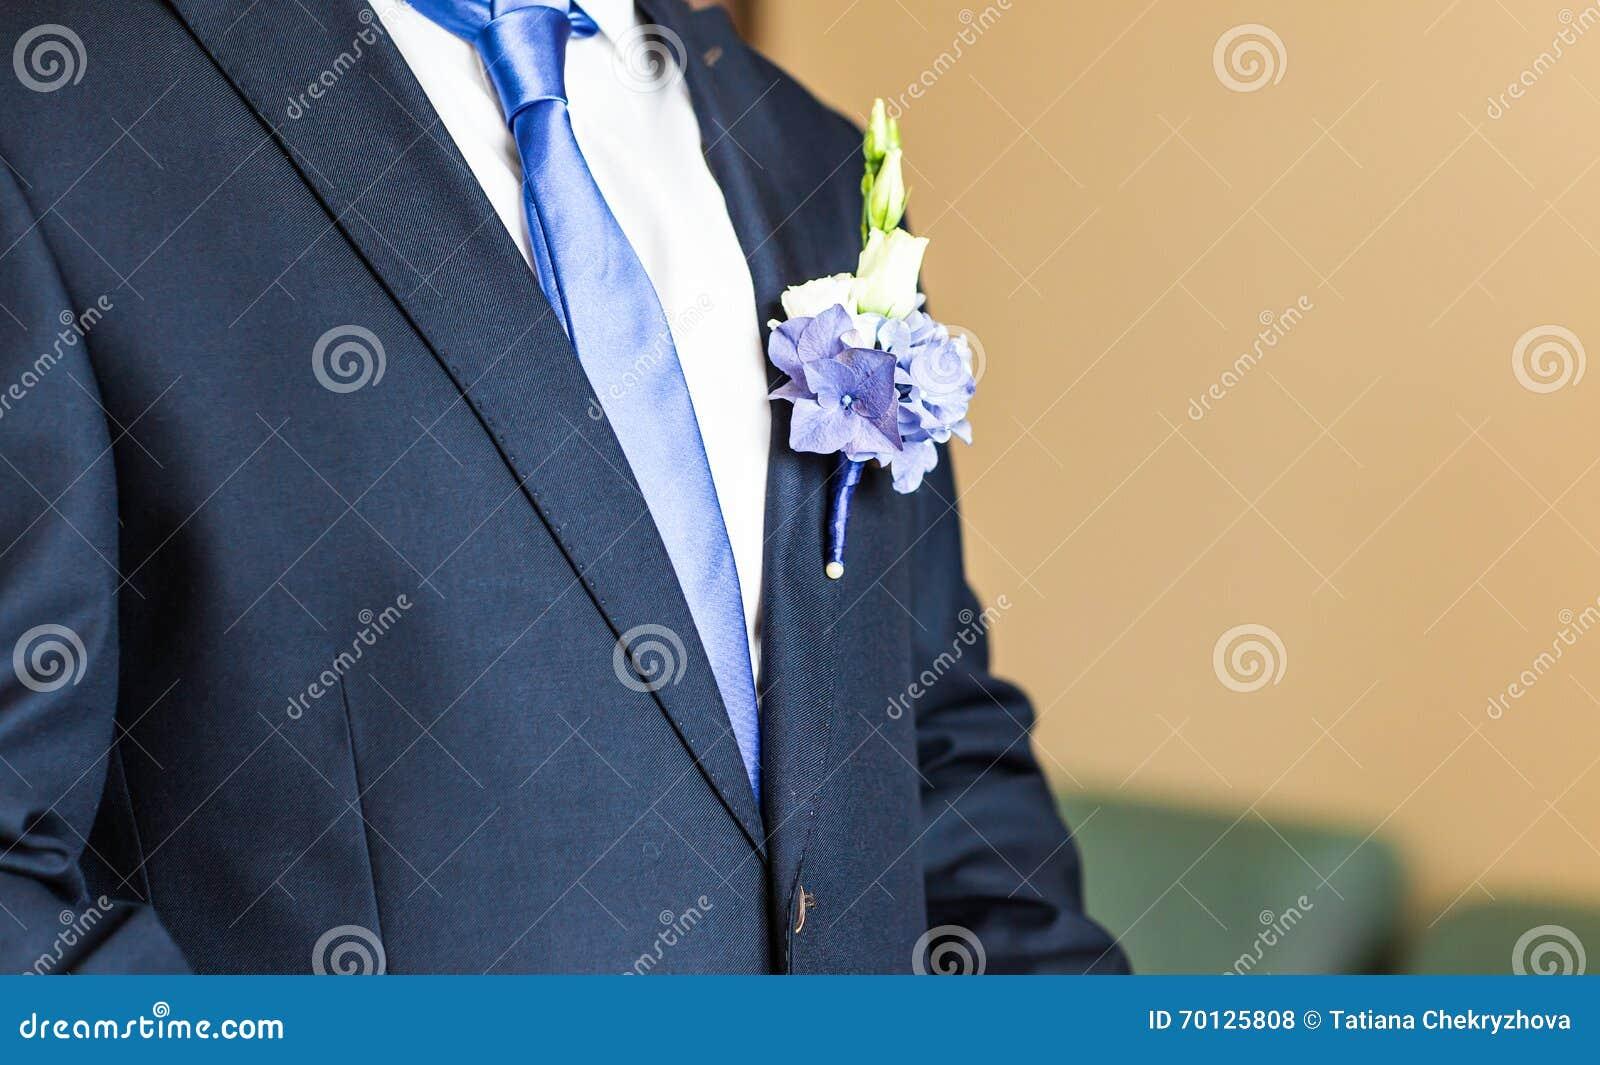 Boutonniere merveilleux de mariage sur un costume de plan rapproché de marié